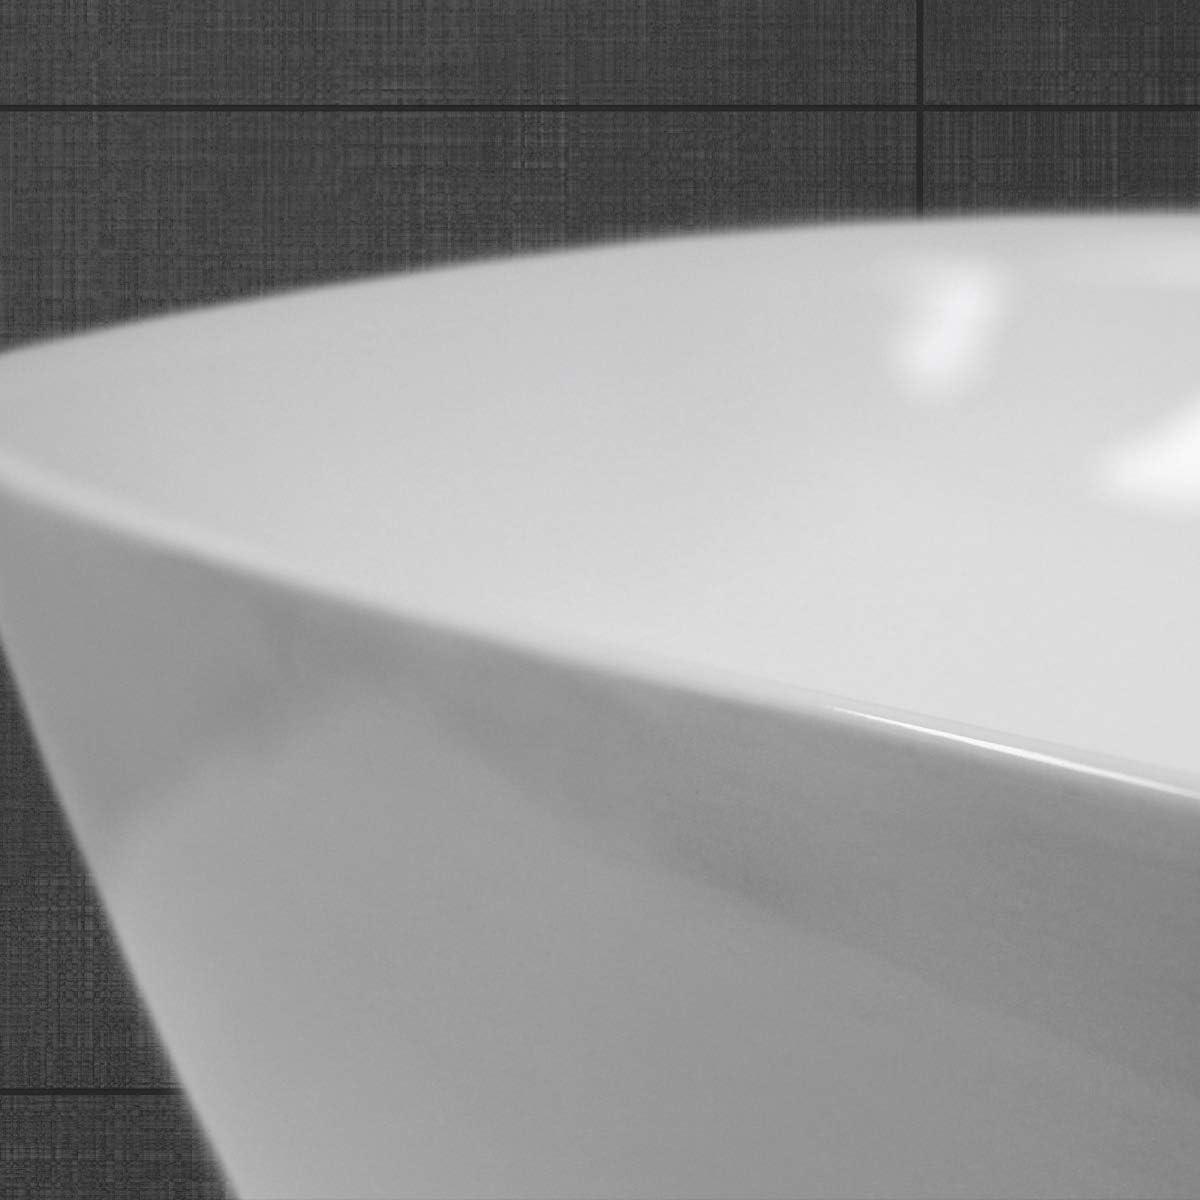 Lavadero Blanco desag/üe con rebosadero de lat/ón Cromado Dise/ño Angular Lavamanos cer/ámico 505x395x135 mm ECD Germany Lavabo sobre encimera Incl La v/álvula de desag/üe Pop-up /¼